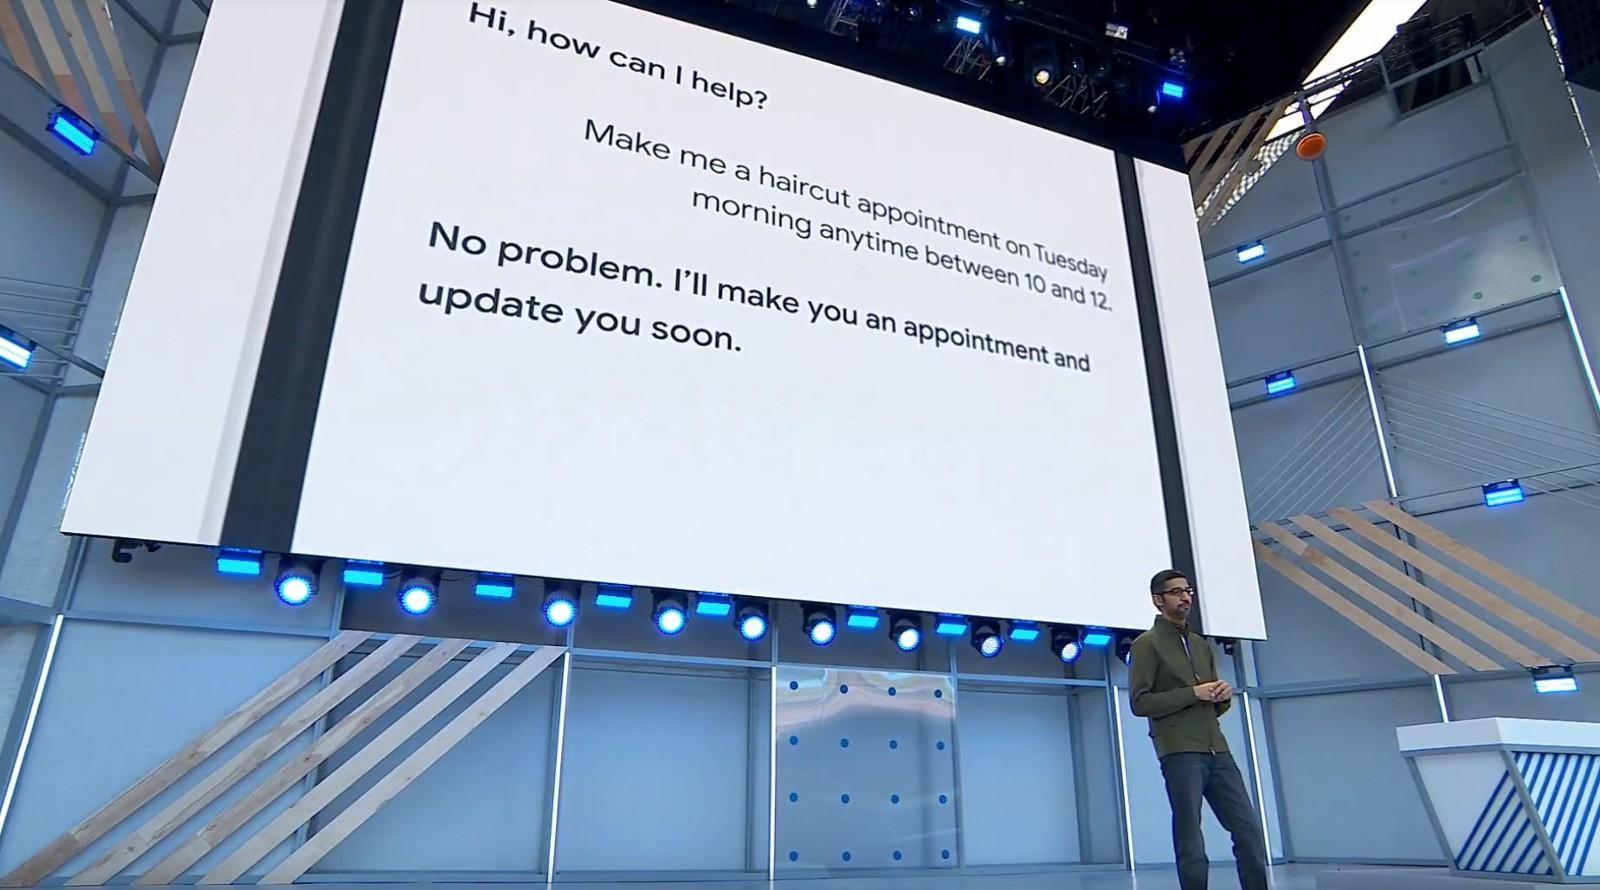 Imagem de Suspeita: a Google teria falsificado sua demonstração de IA na Google I/O? no tecmundo